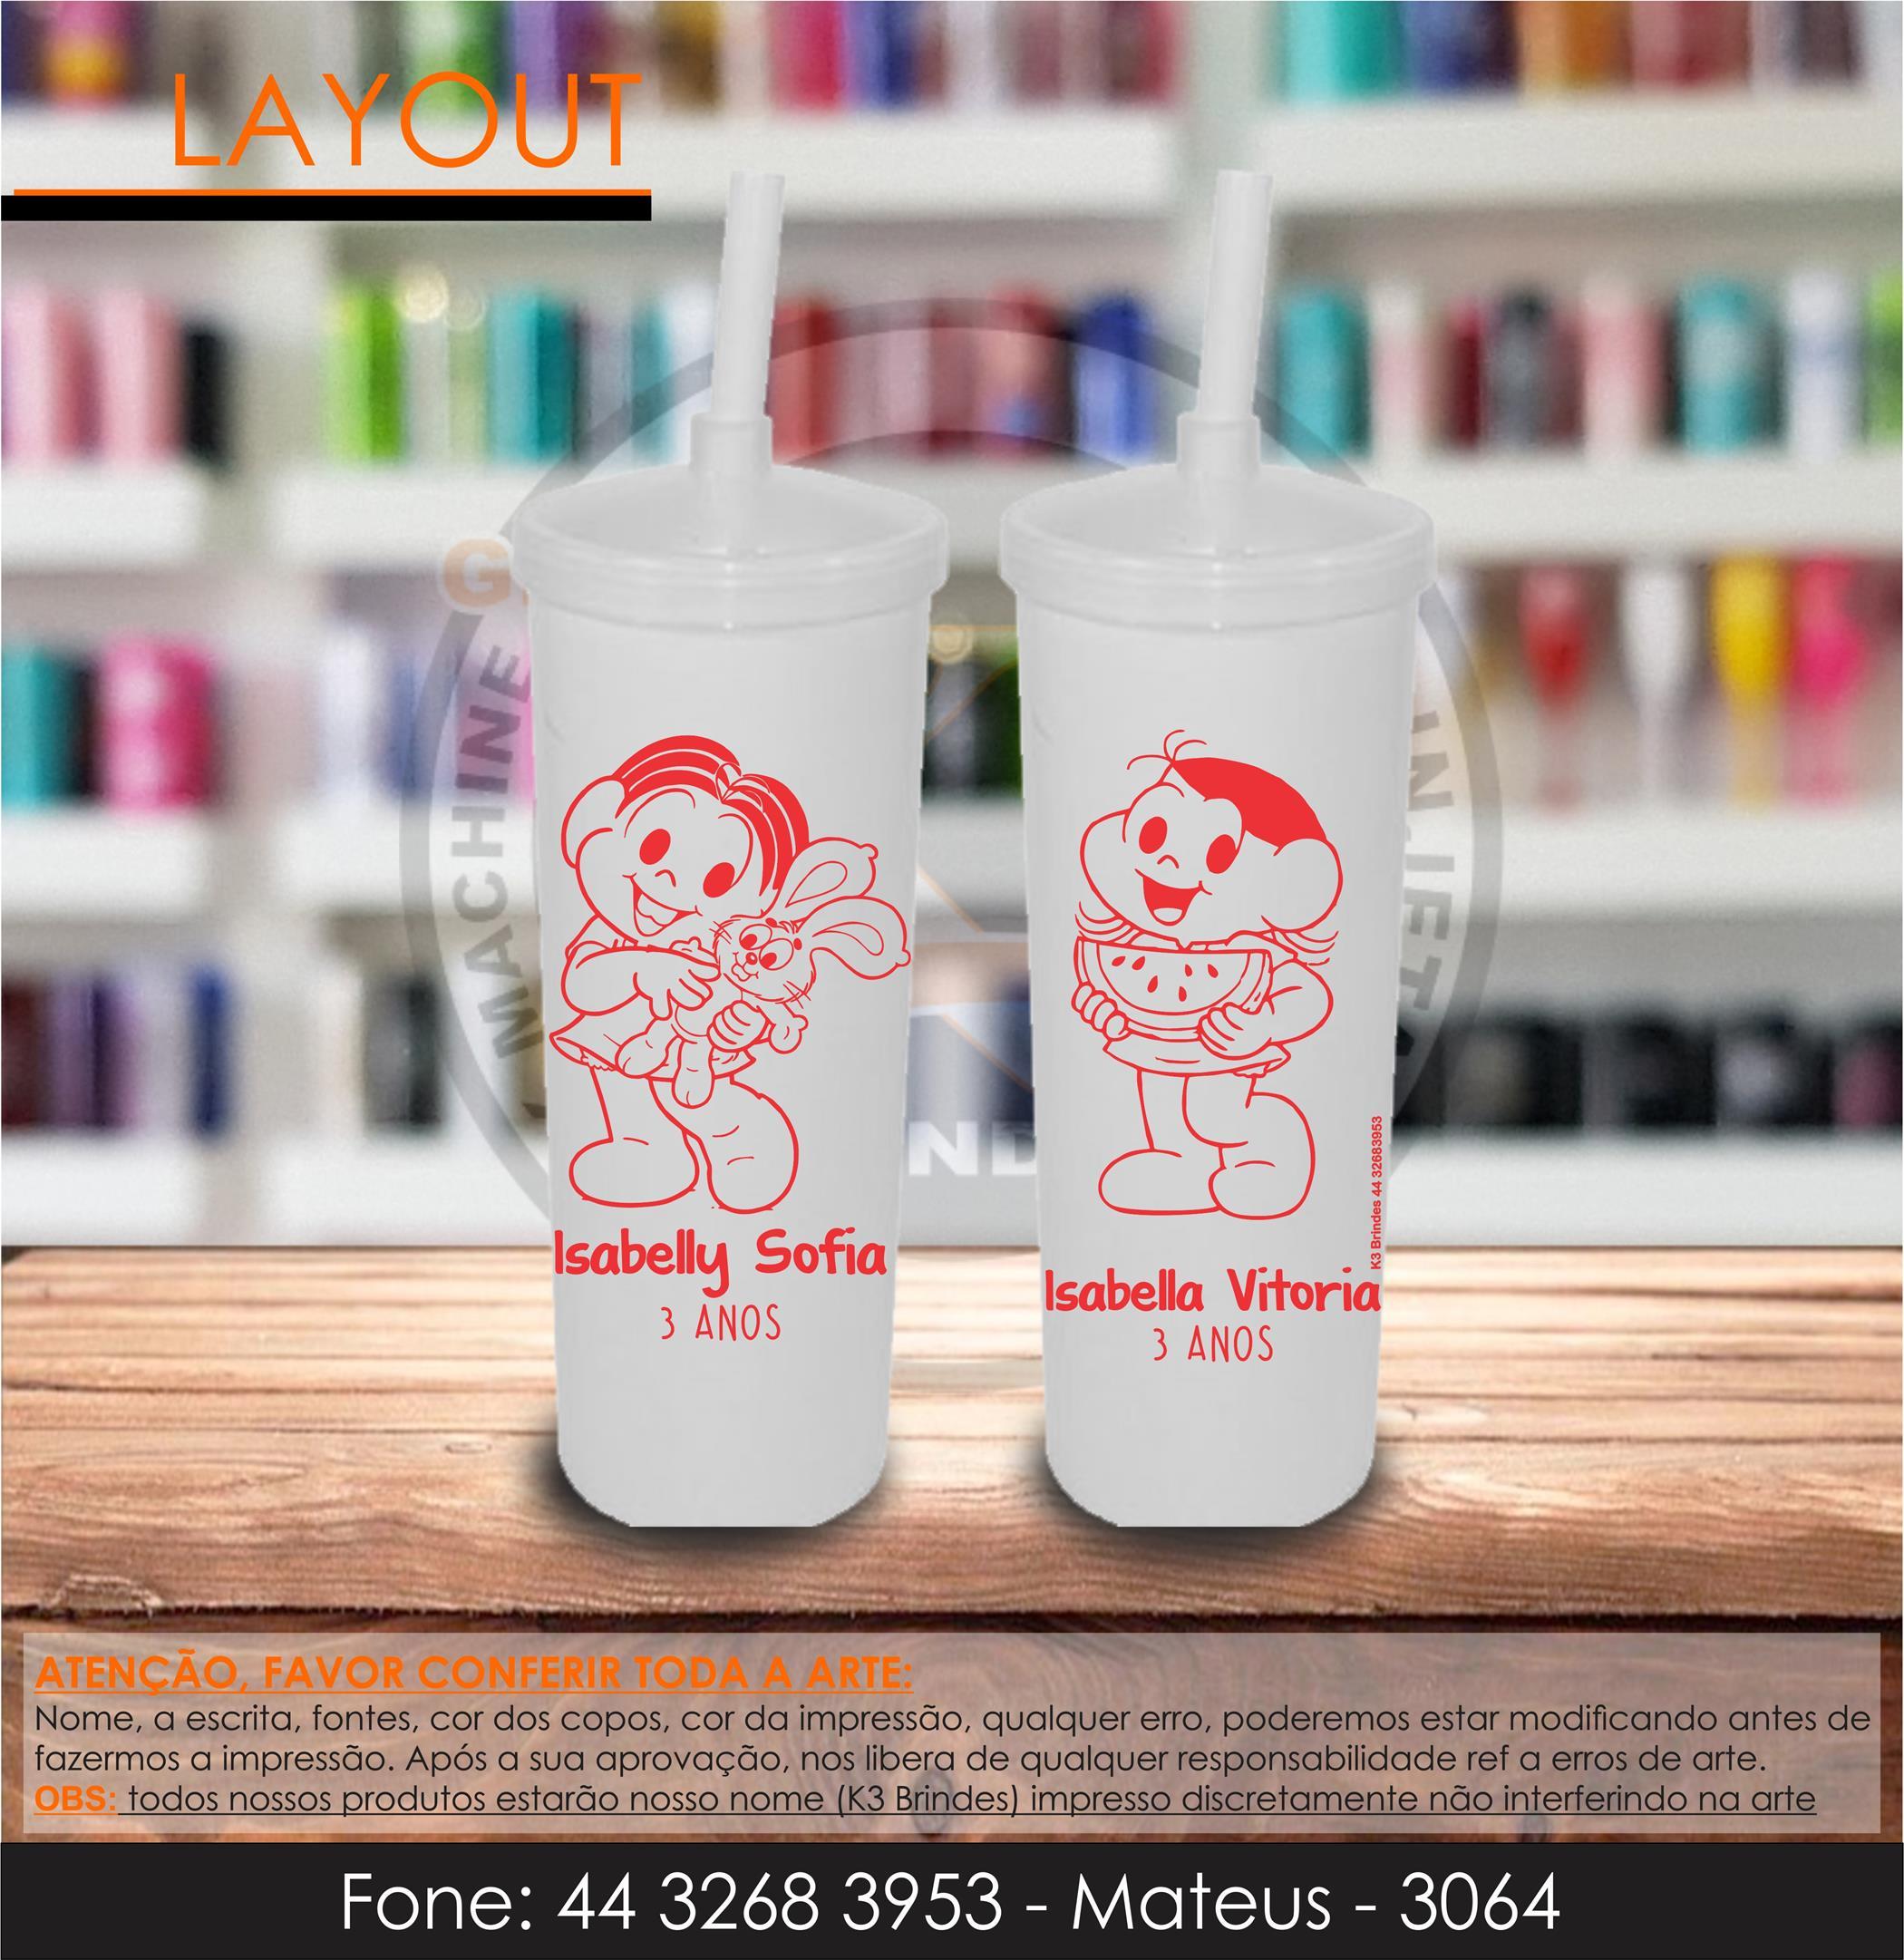 3064 - long drink branco com tamapa - monica e magali - infantil - 3 anos